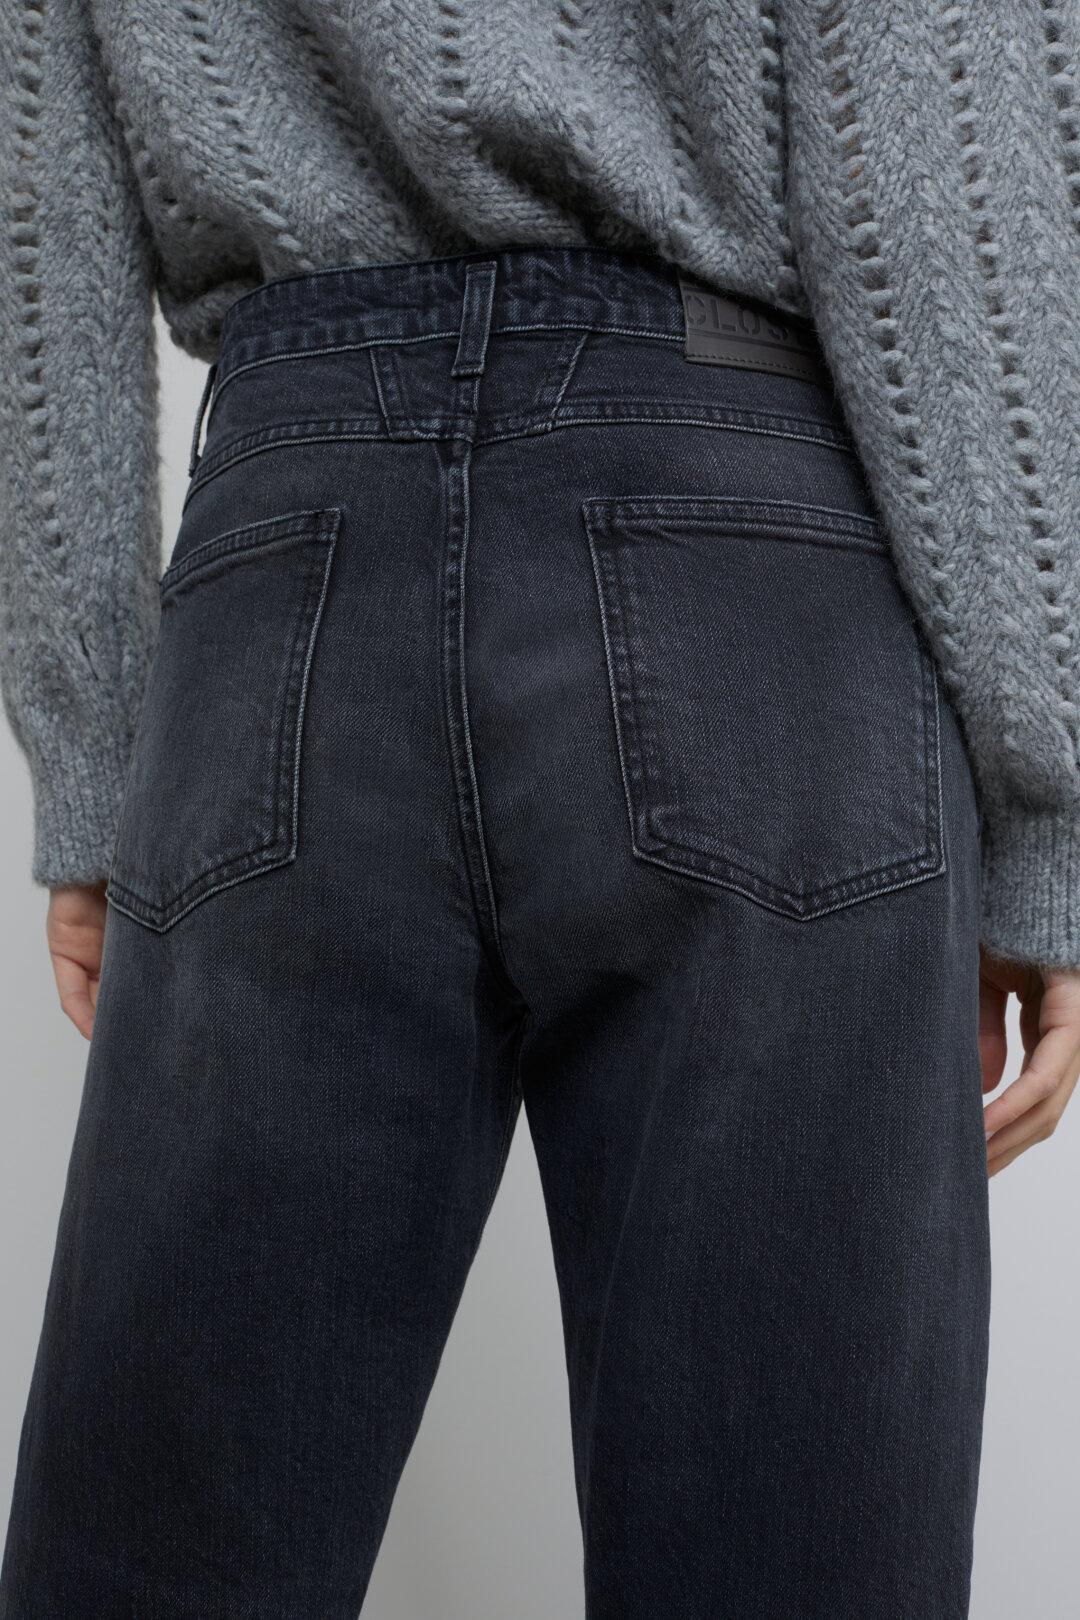 C91220, Jeans, X-lent, black denim, Closed